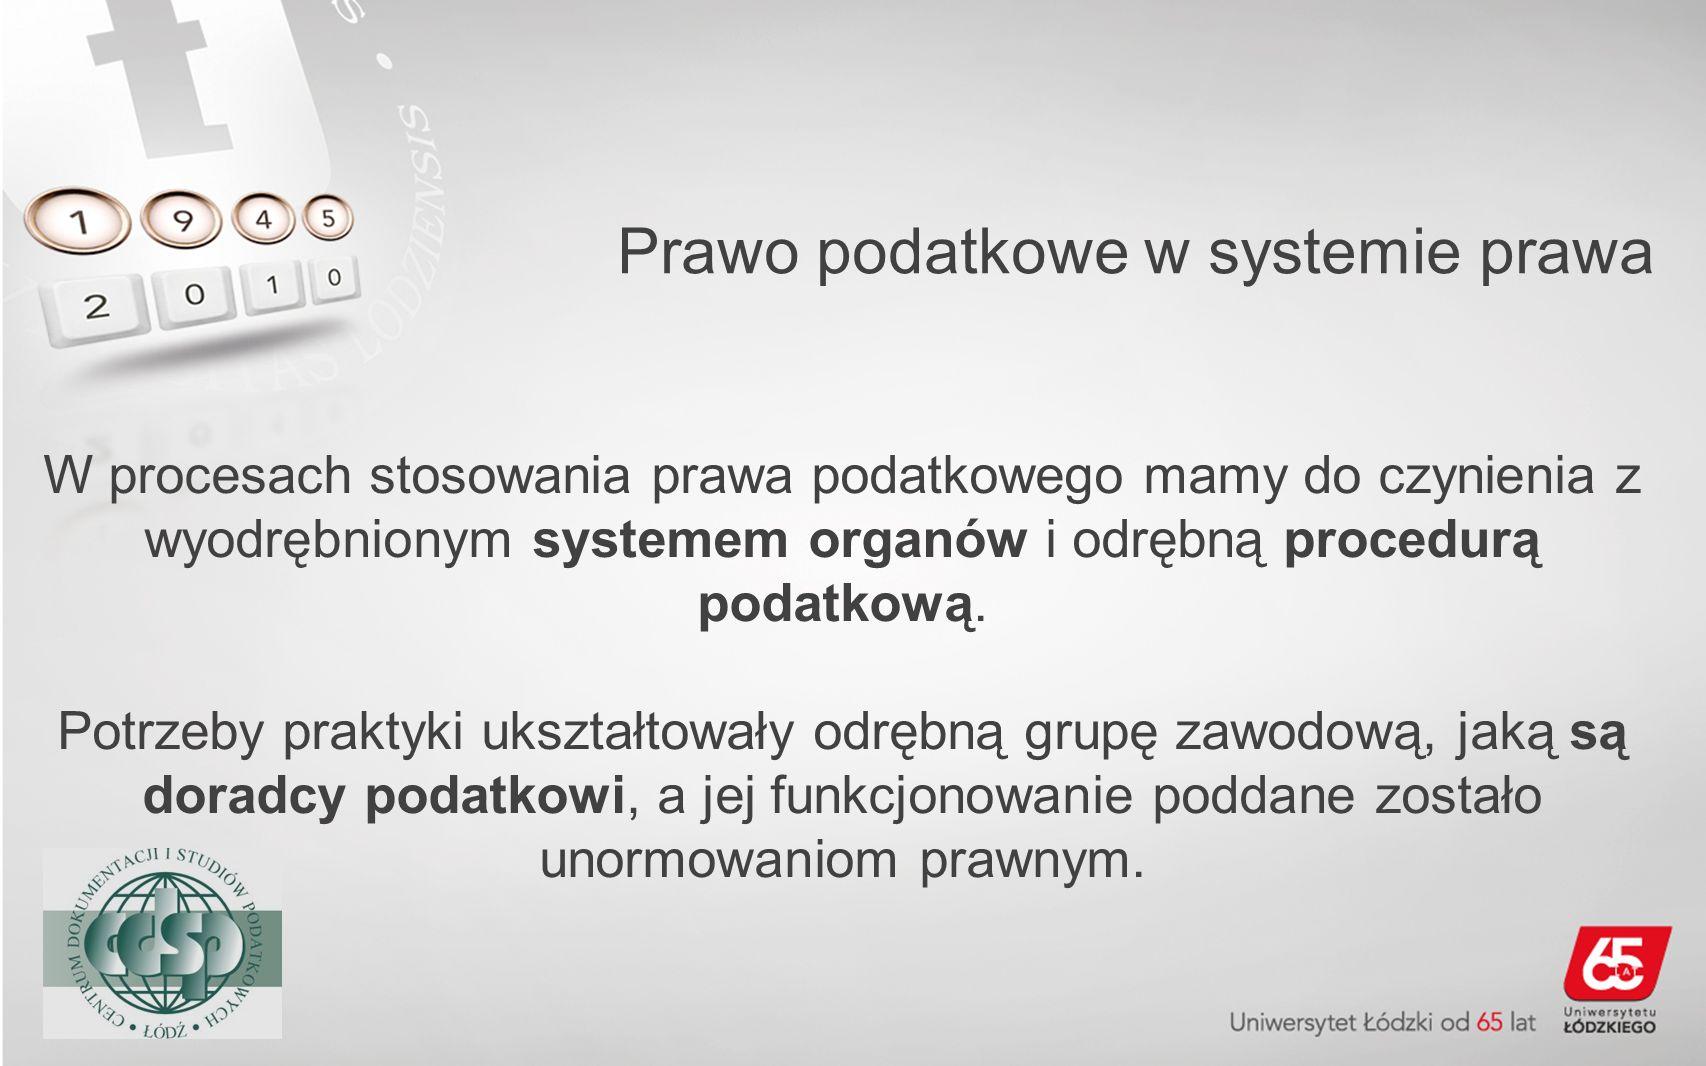 Prawo podatkowe w systemie prawa W procesach stosowania prawa podatkowego mamy do czynienia z wyodrębnionym systemem organów i odrębną procedurą podat